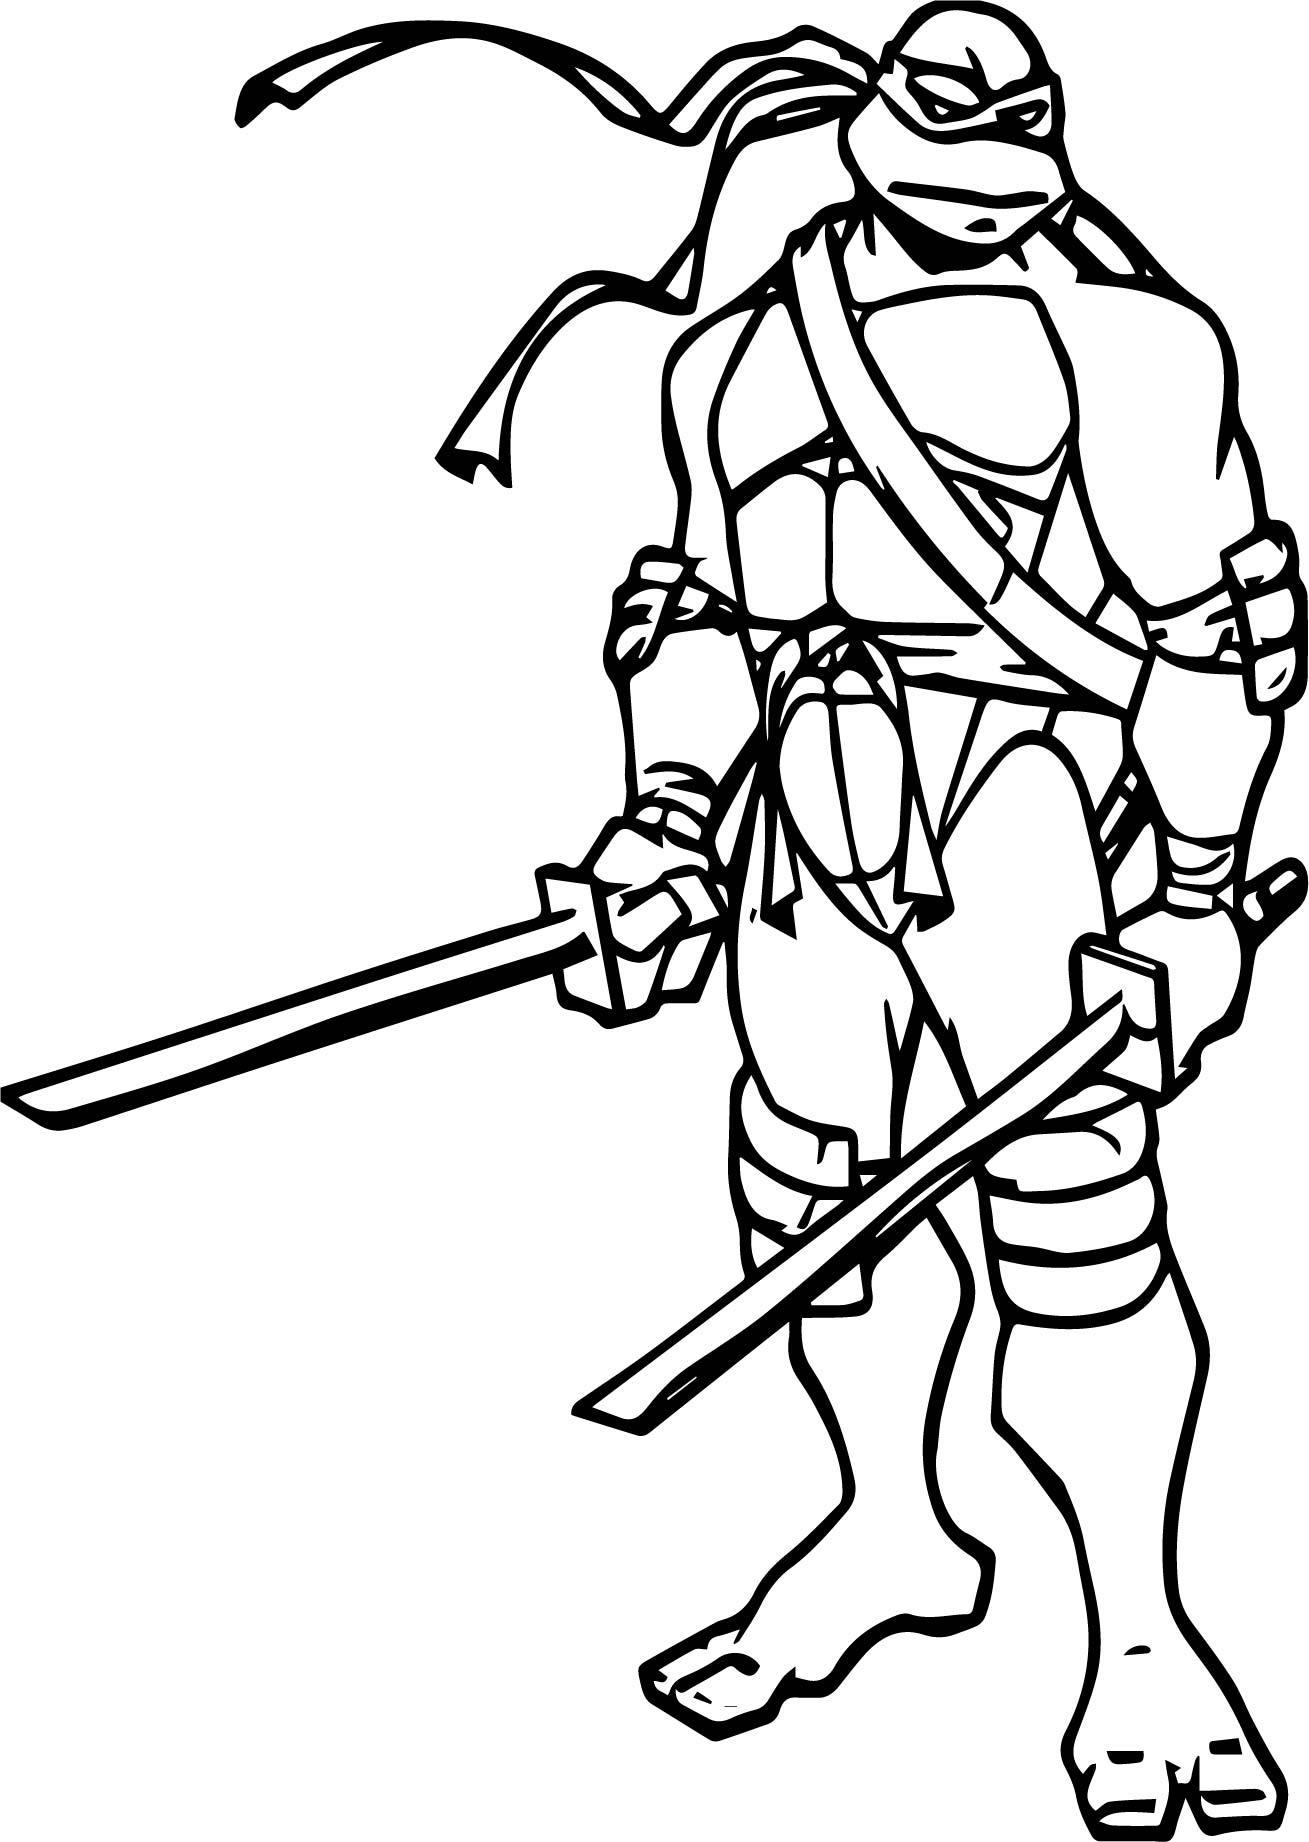 leonardo coloring pages free leonardo ninja turtles coloring page superheroes pages leonardo coloring